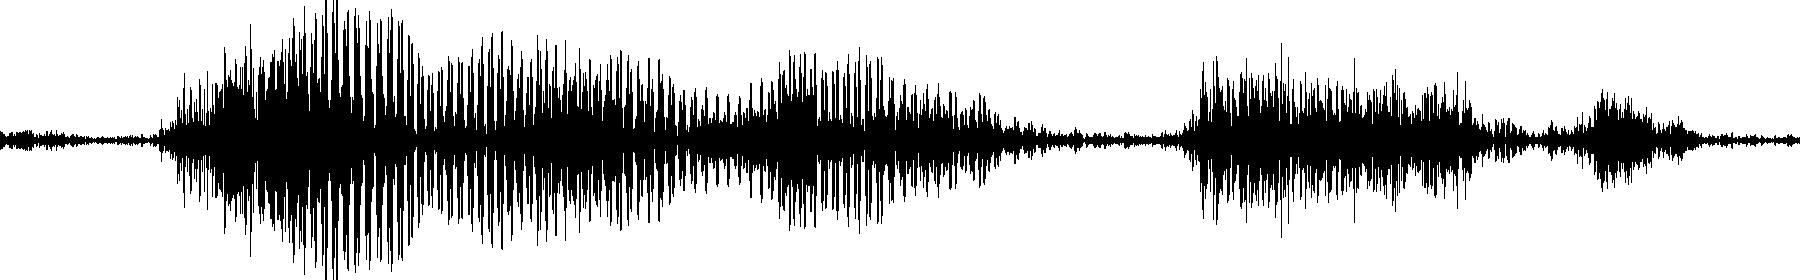 whiterabbit